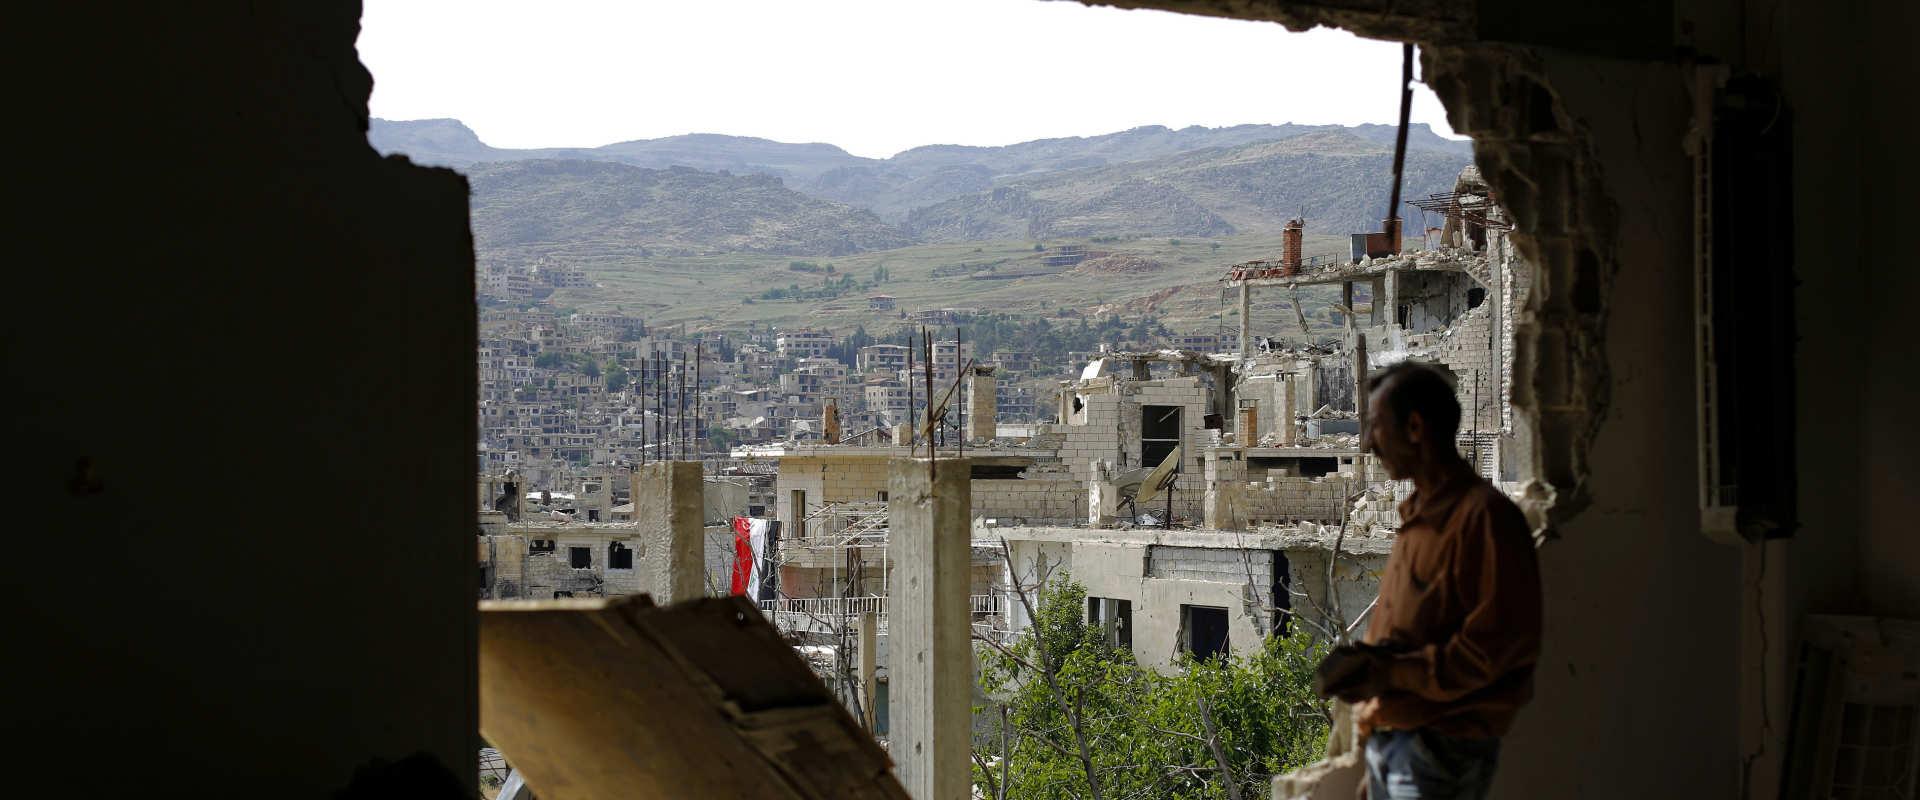 דמשק, מאי 2017